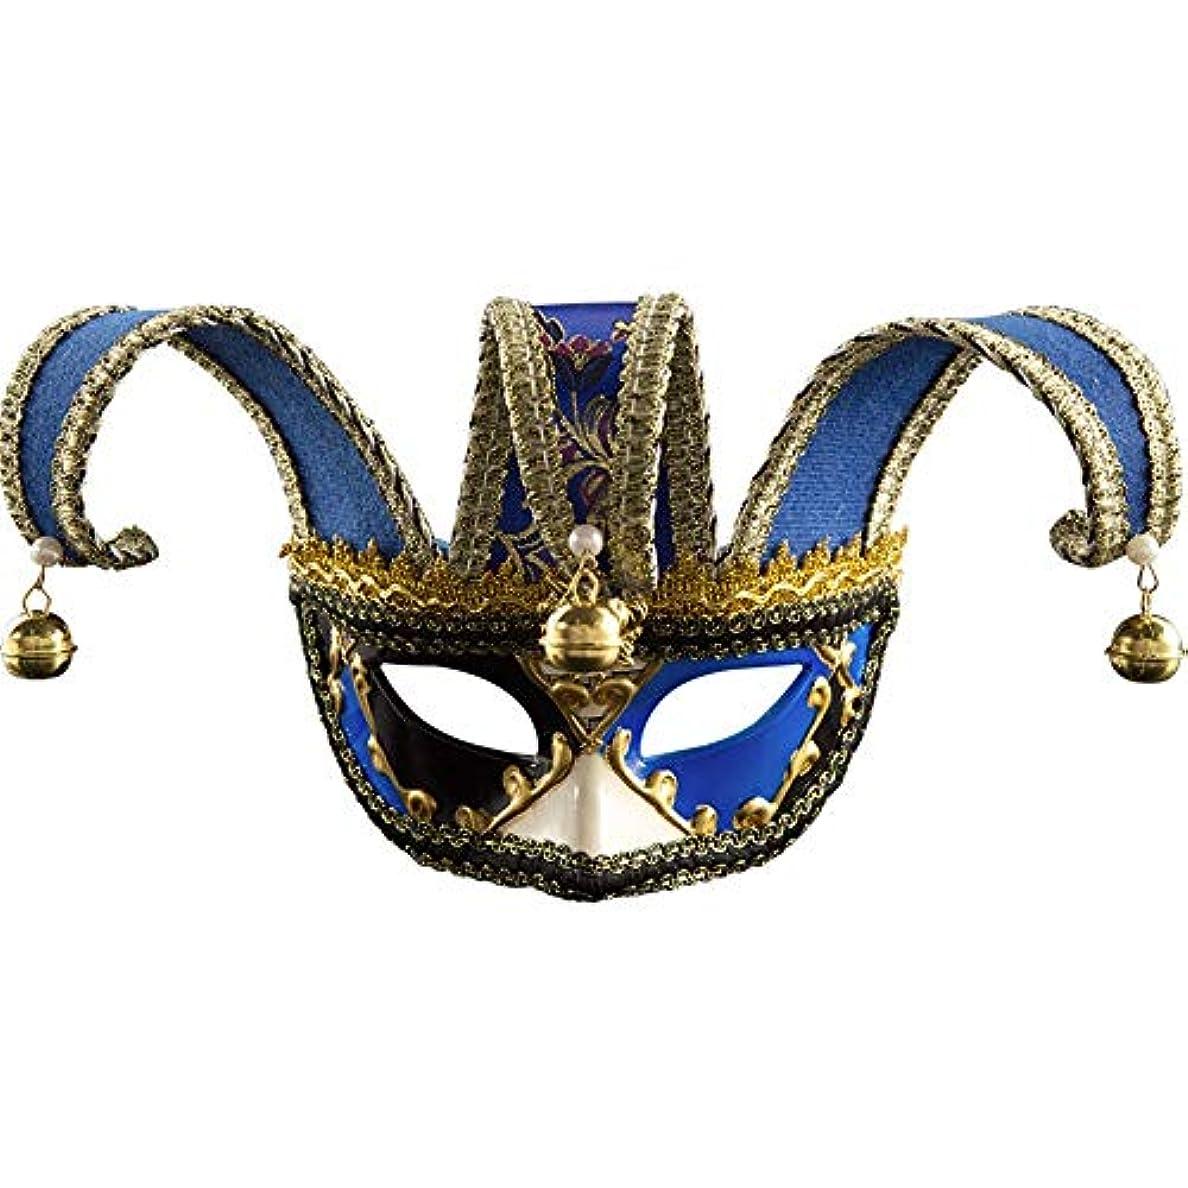 朝ごはんズームインするヤギダンスマスク ナイトクラブ音楽カーニバルマスク雰囲気クリスマスフェスティバルプラスチックマスクイブニングパーティーボール ホリデーパーティー用品 (色 : 青, サイズ : 16.5x29cm)